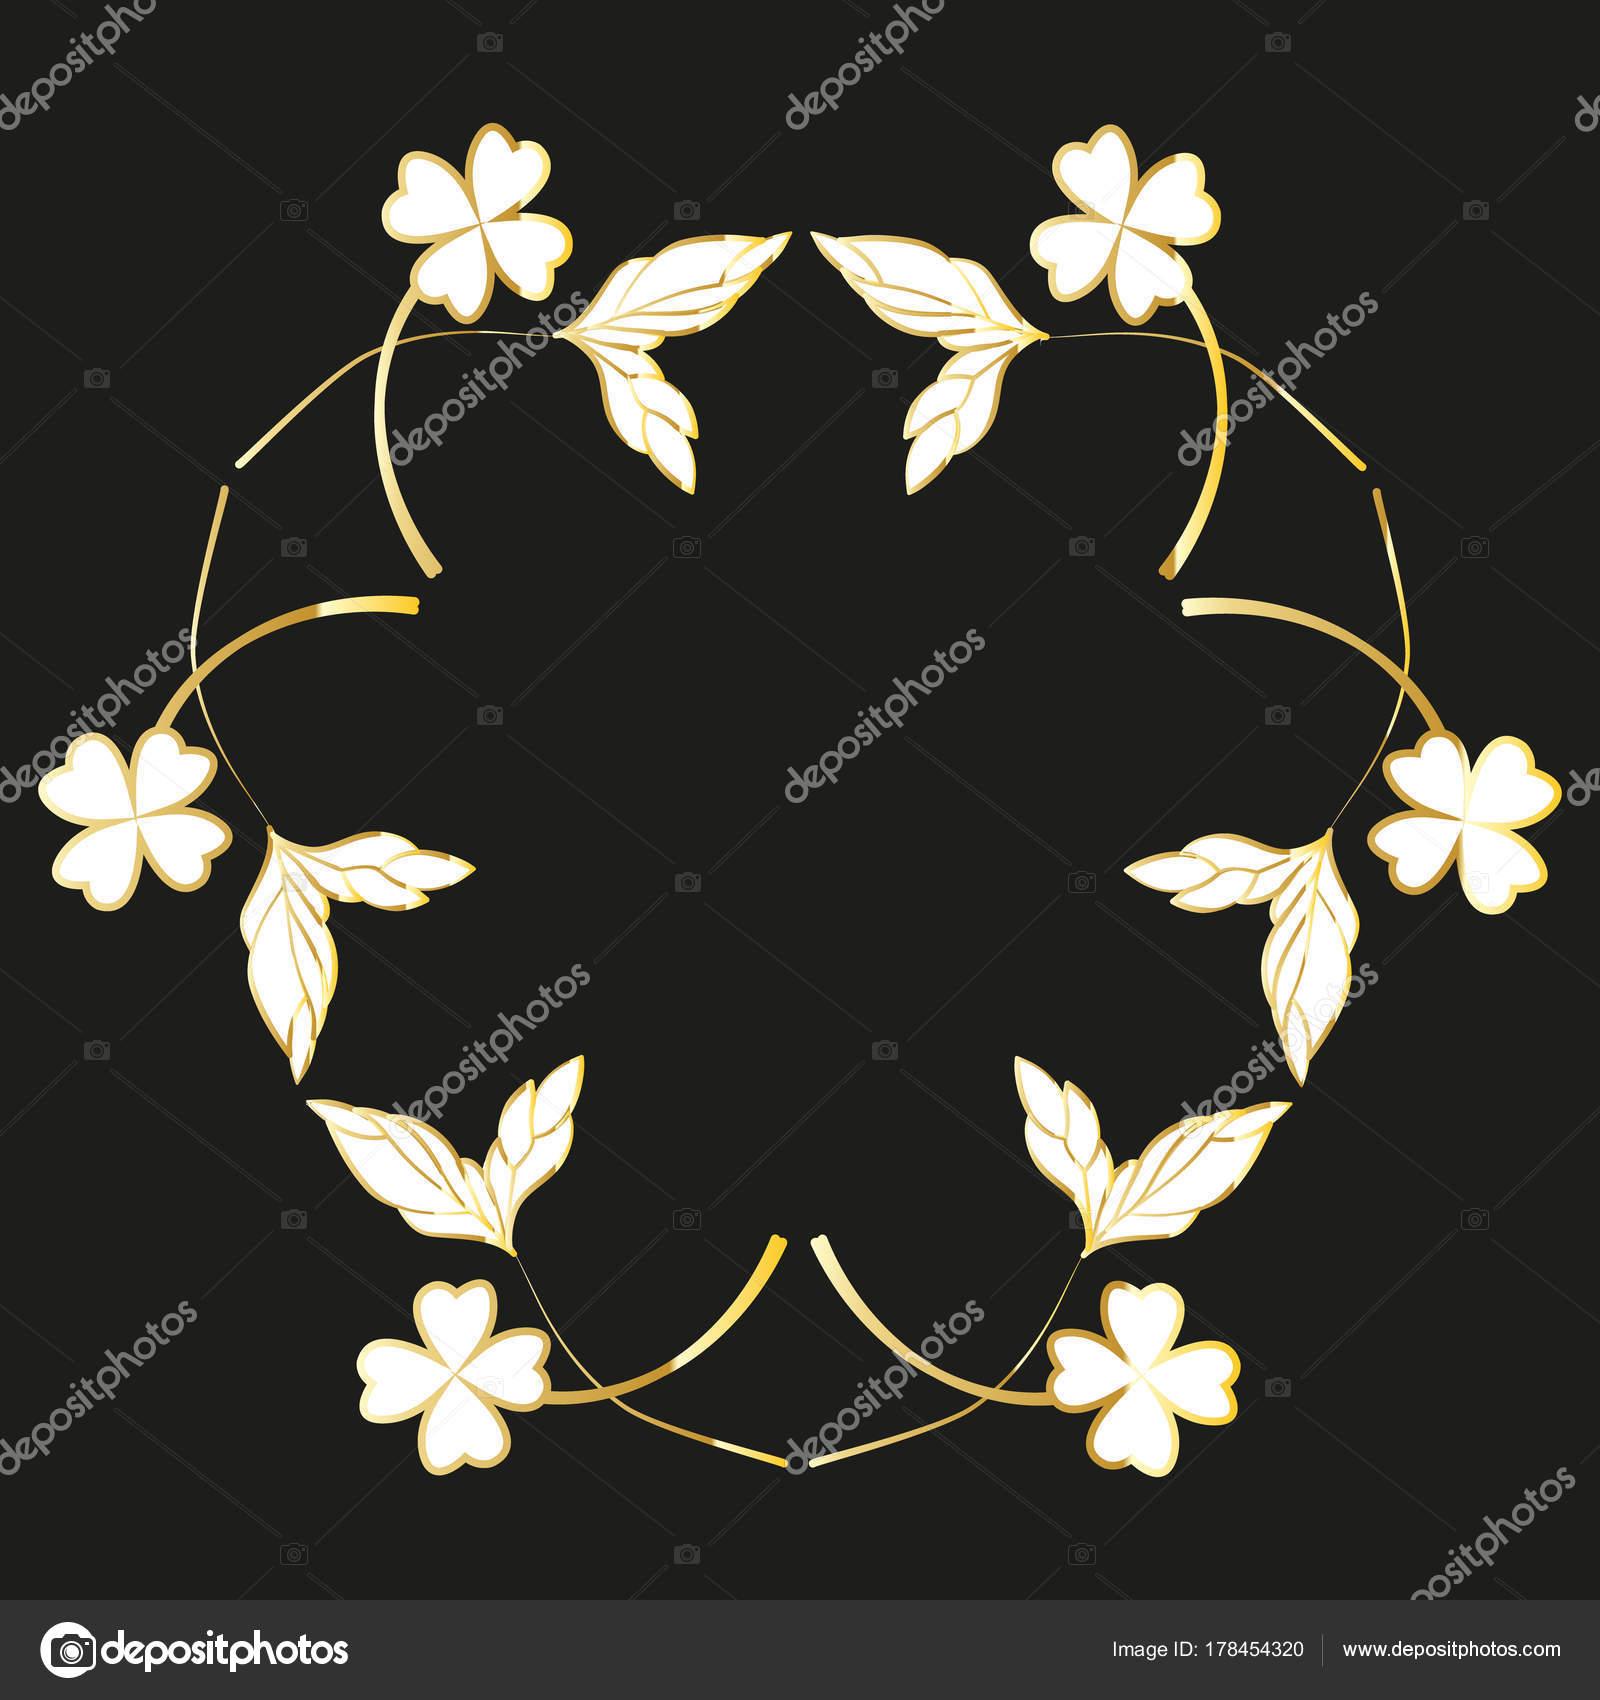 Golden Gemalten Blumenkranzen Und Lorbeeren Vintage Goldene